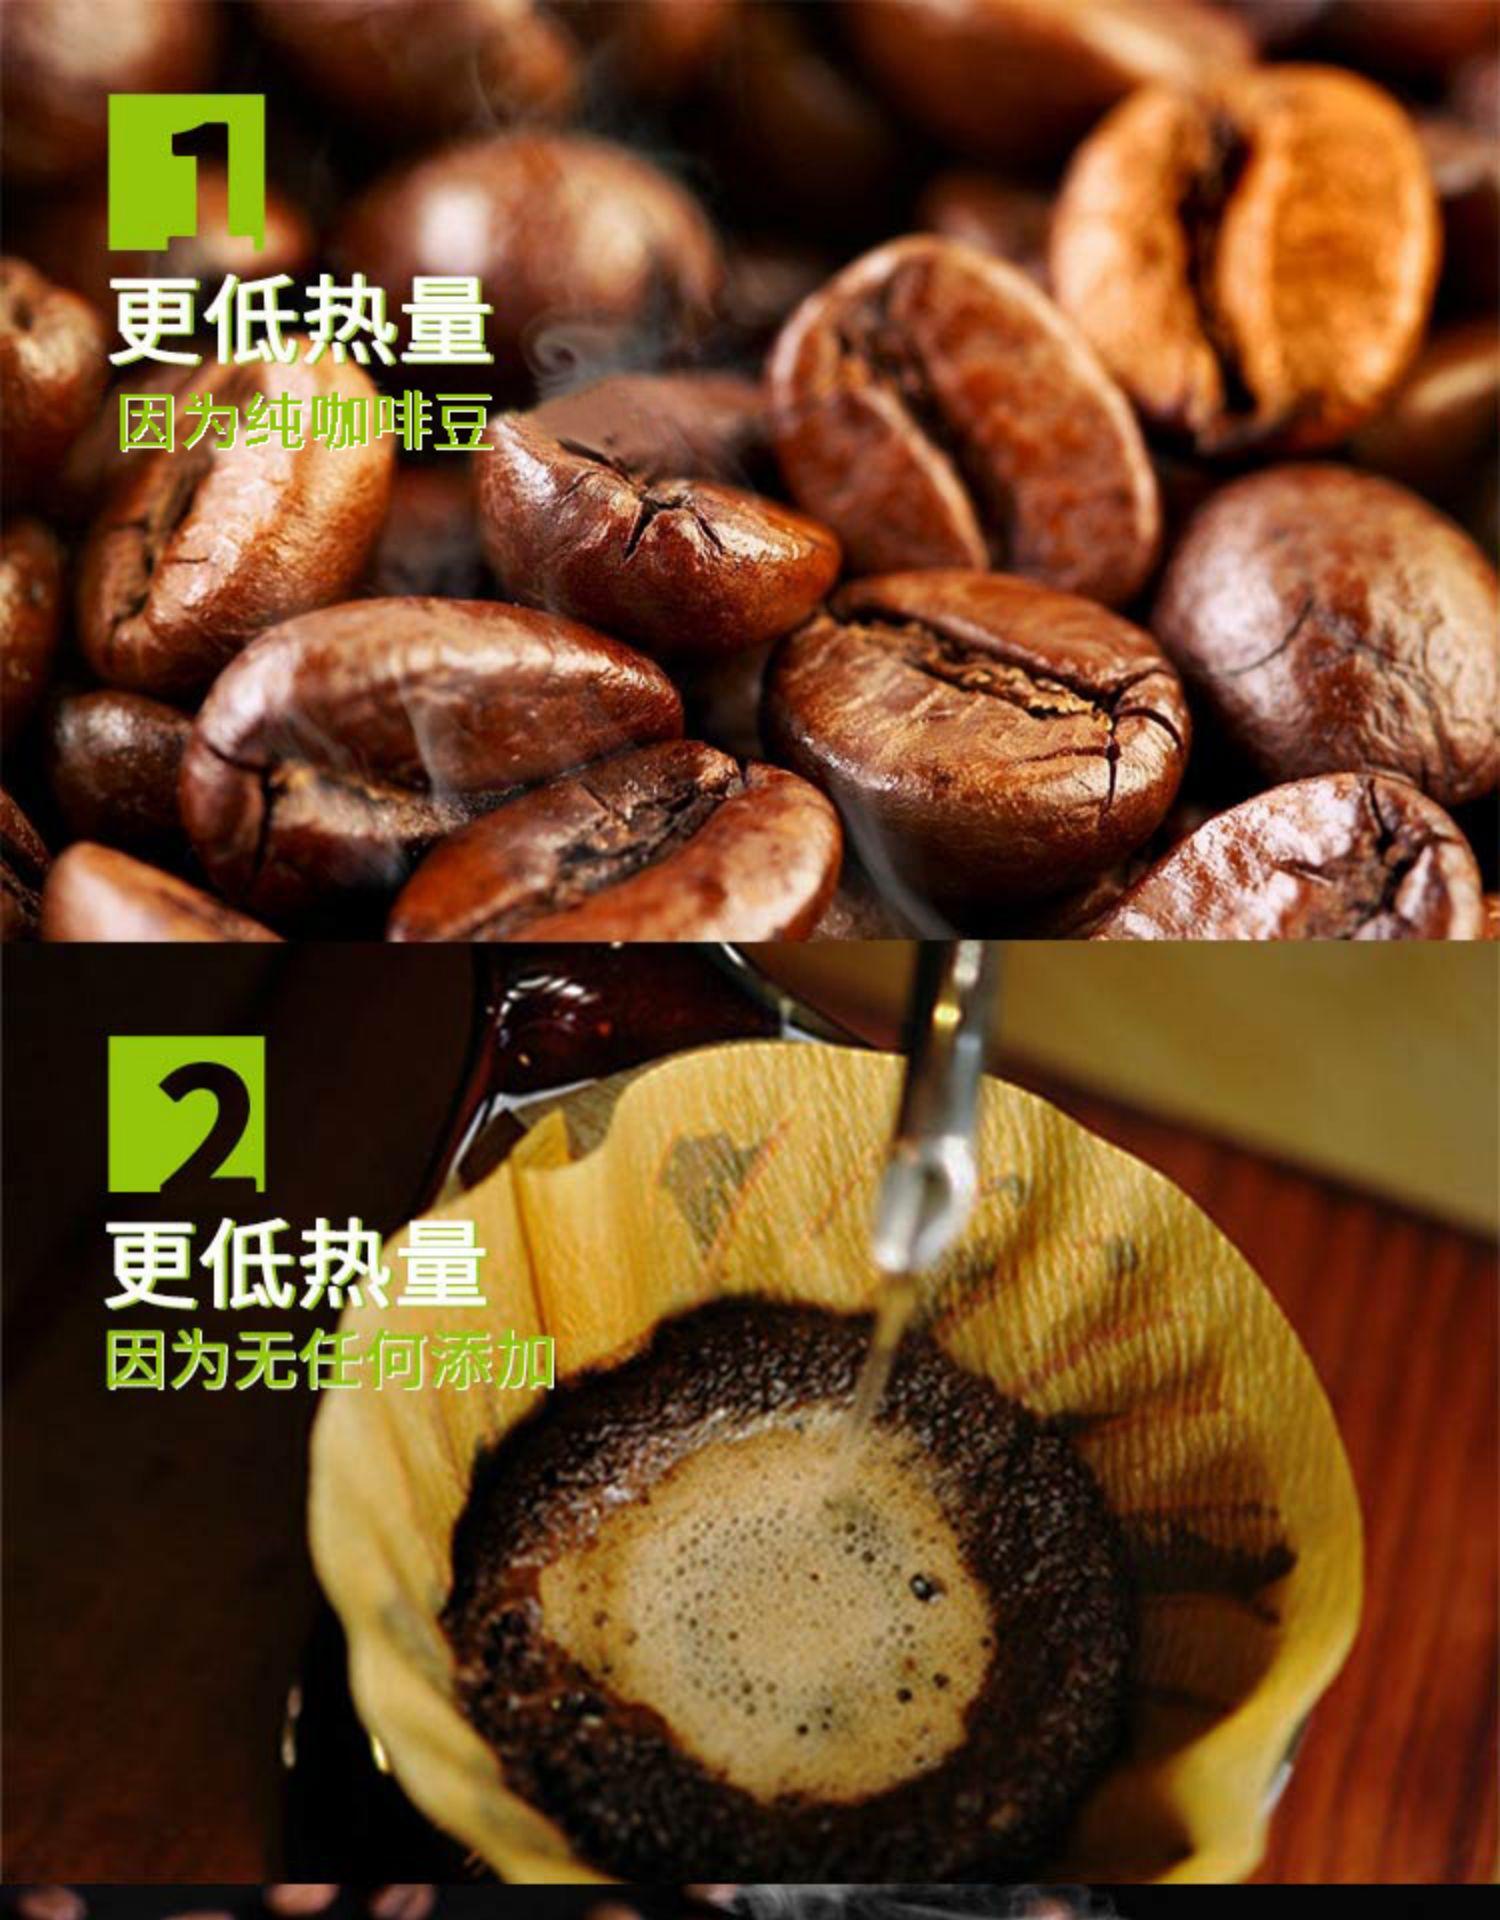 油切苦咖啡清咖啡原味无奶美式黑咖啡纯咖啡粉耳挂咖啡无糖添加详细照片